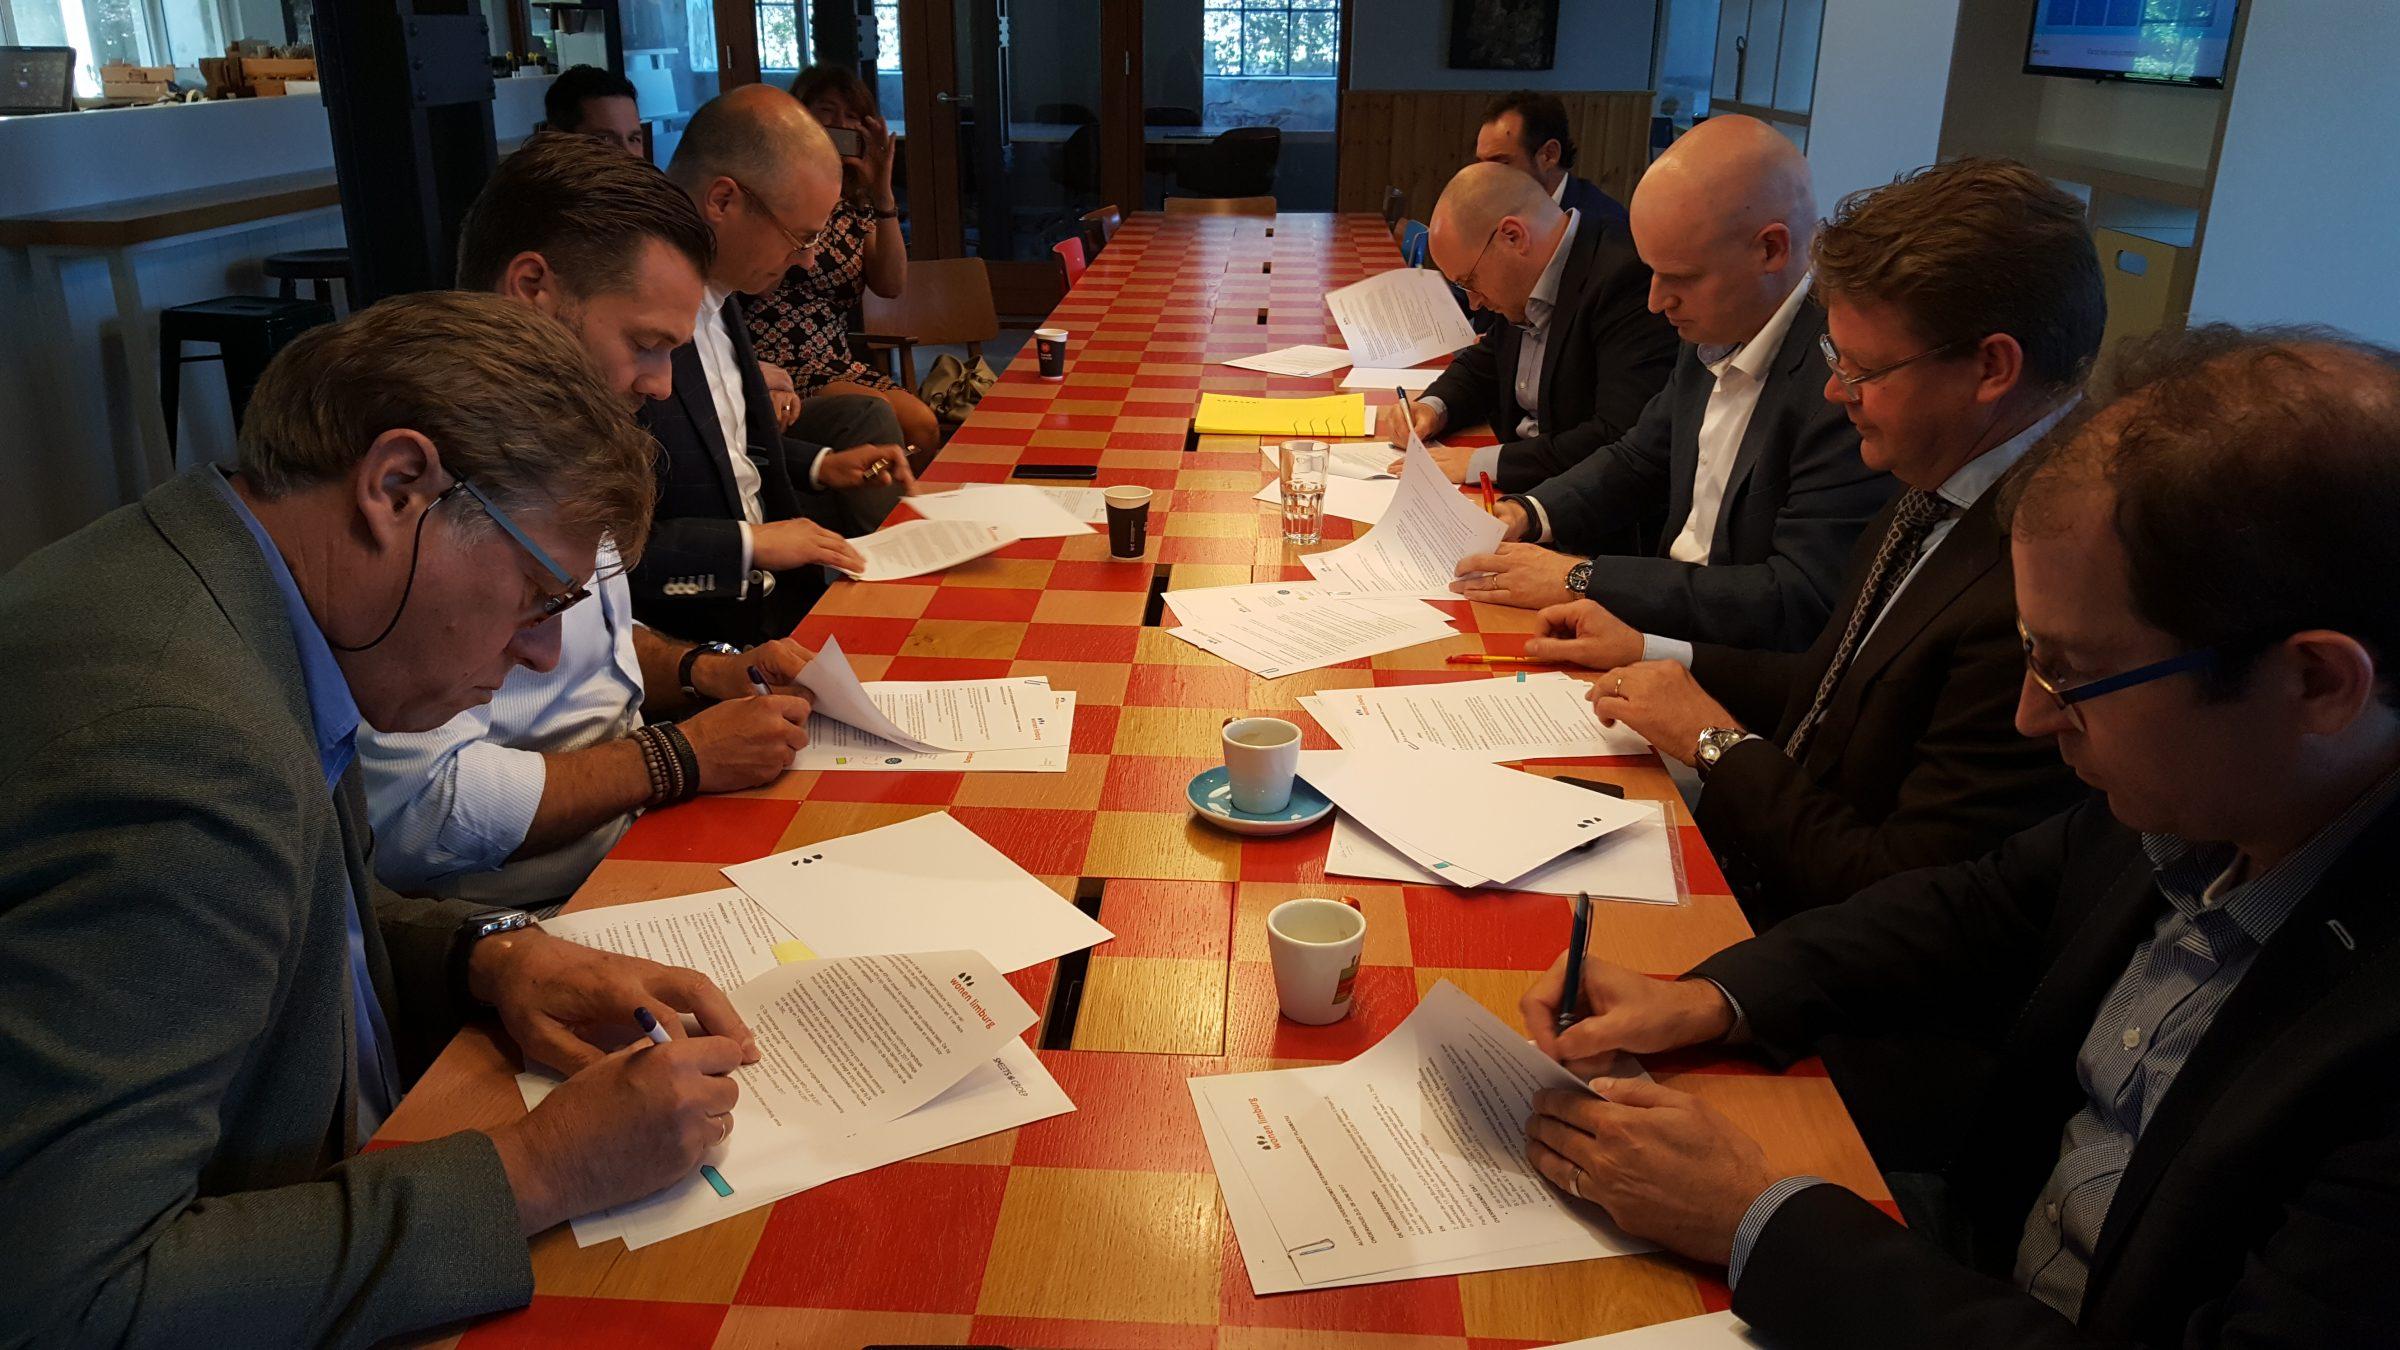 Wonen Limburg zet volgende stap in ketensamenwerking niet planmatig onderhoud